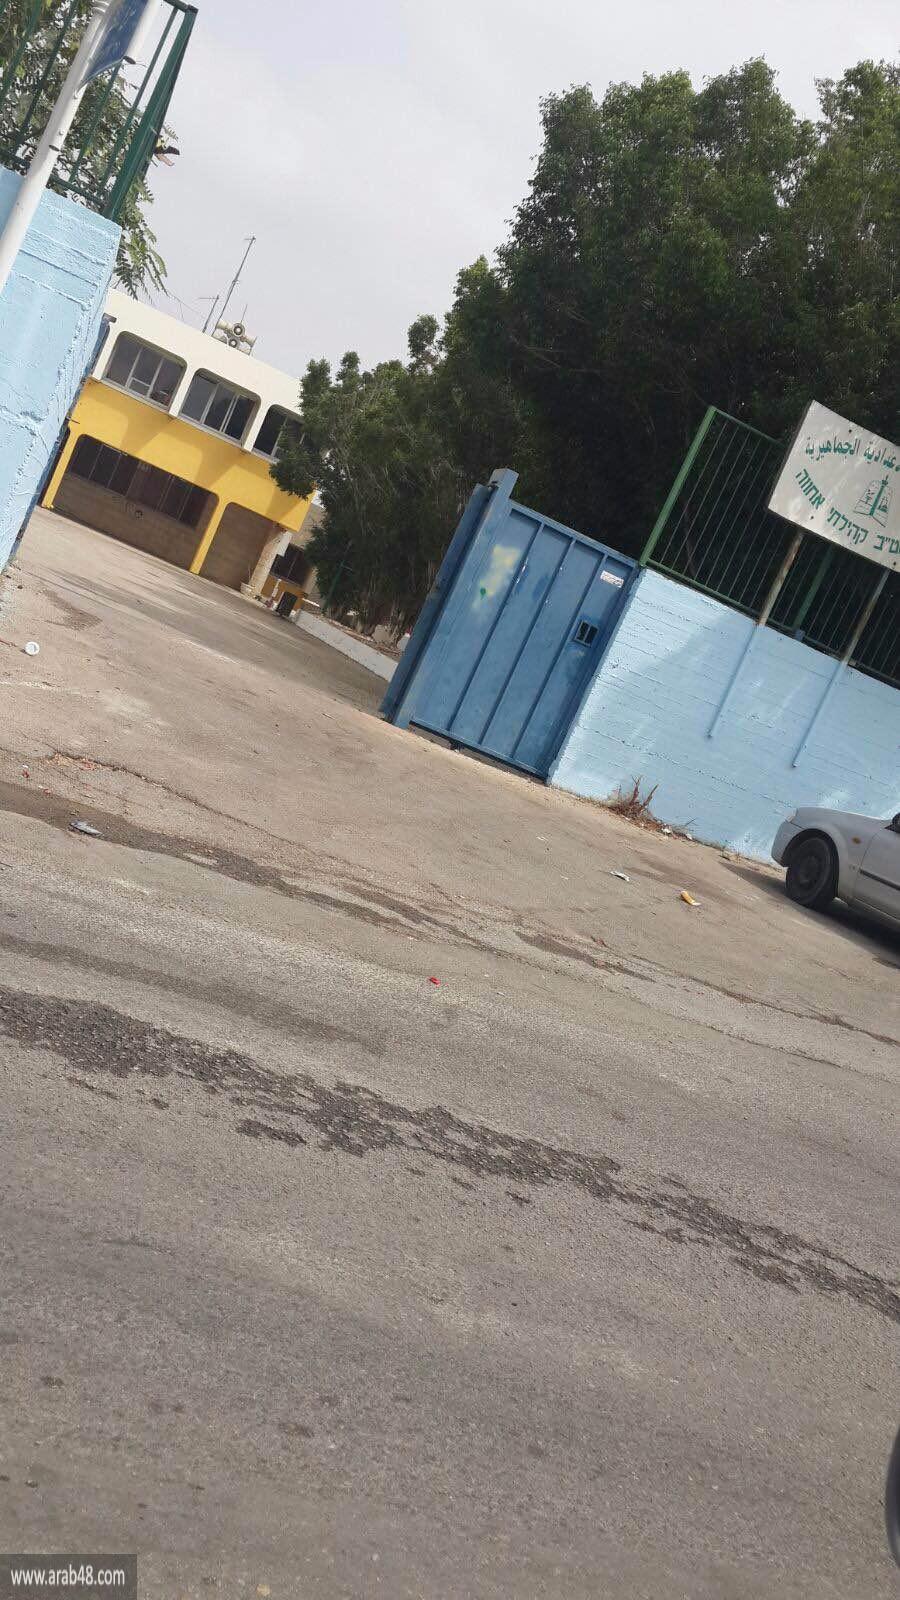 مدارس المثلث تلتزم بالإضراب التضامني مع المدارس الأهلية